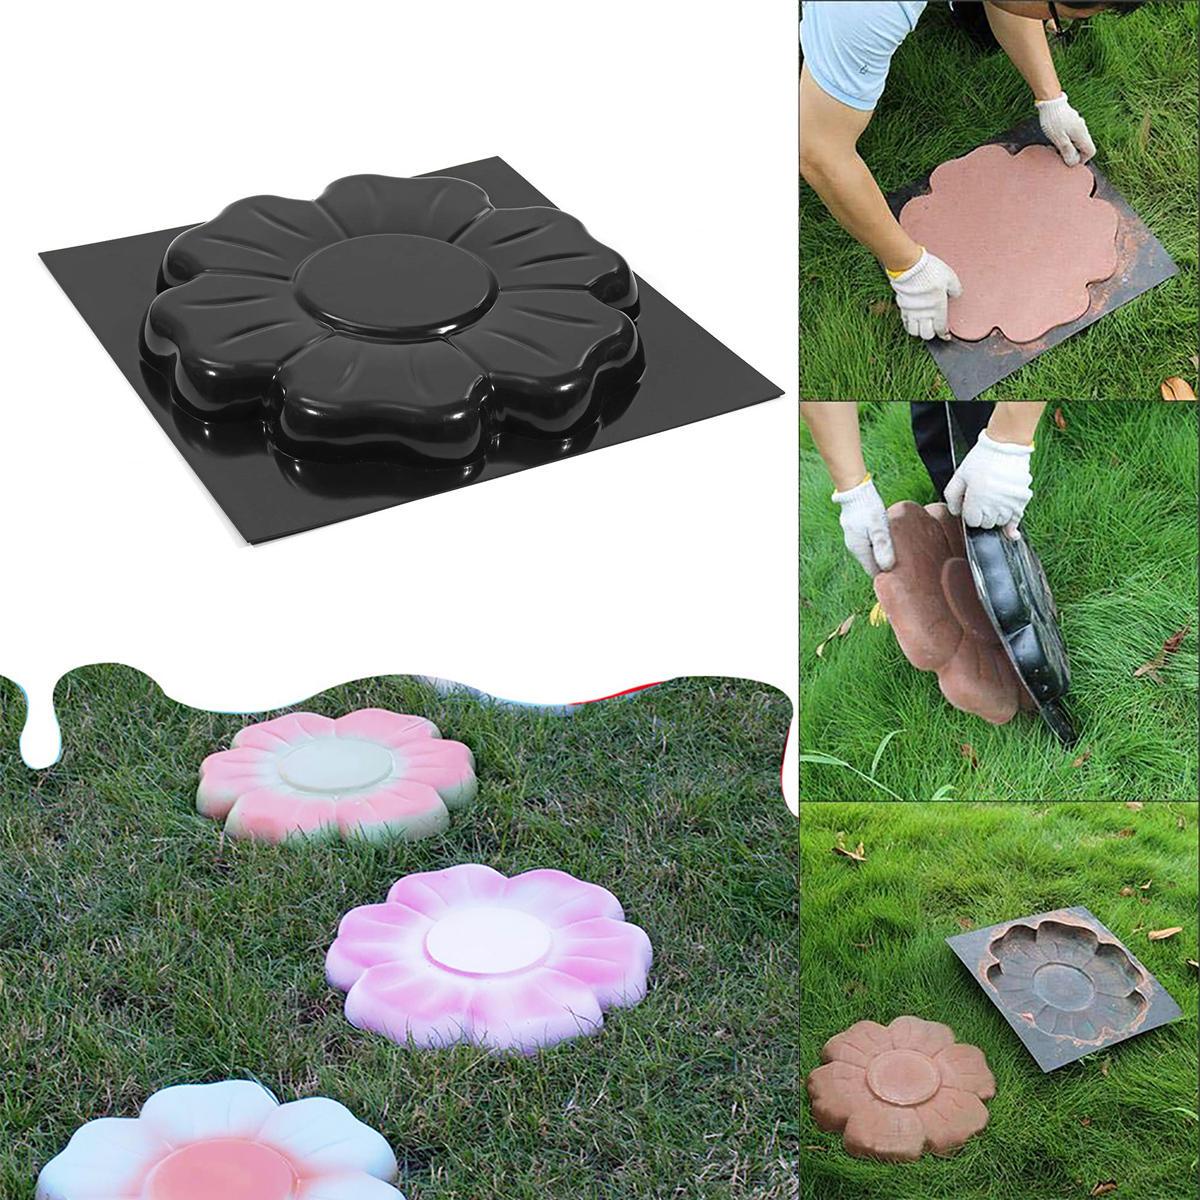 Diy Plastique Moule Pavé Moule De Pavage Béton Ciment Jardin ... pour Dalle Plastique Jardin